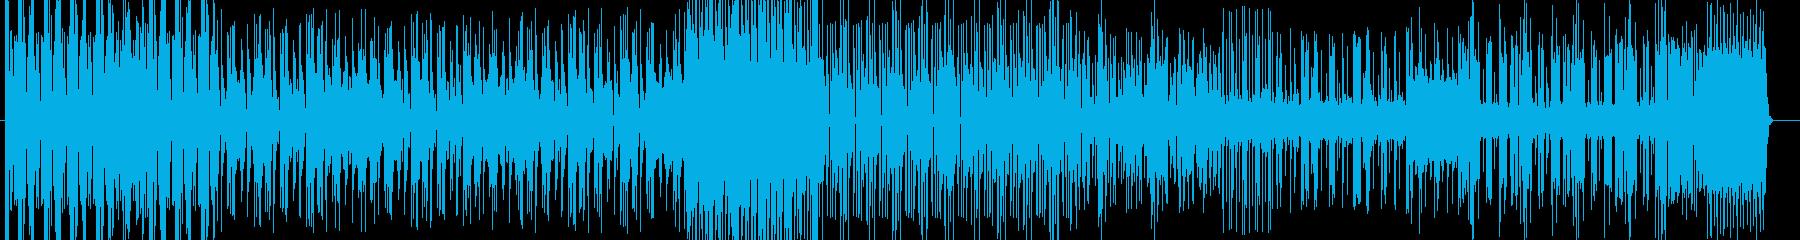 効果音の入った音源でエレクトロな曲です。の再生済みの波形